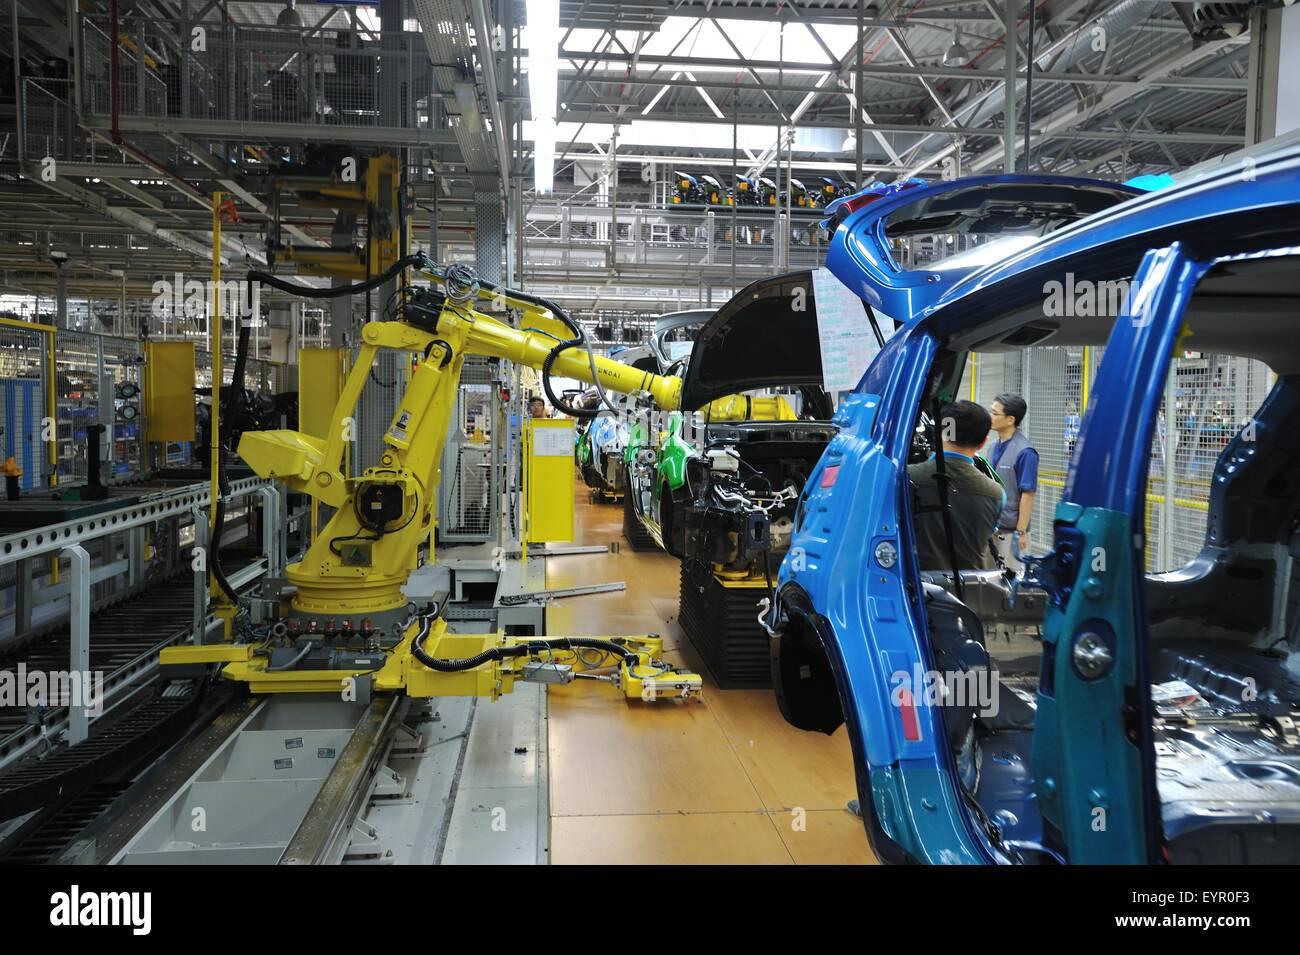 Dentro de una moderna fábrica de coches, vehículos y piezas se mueven a través del proceso de producción, Imagen De Stock